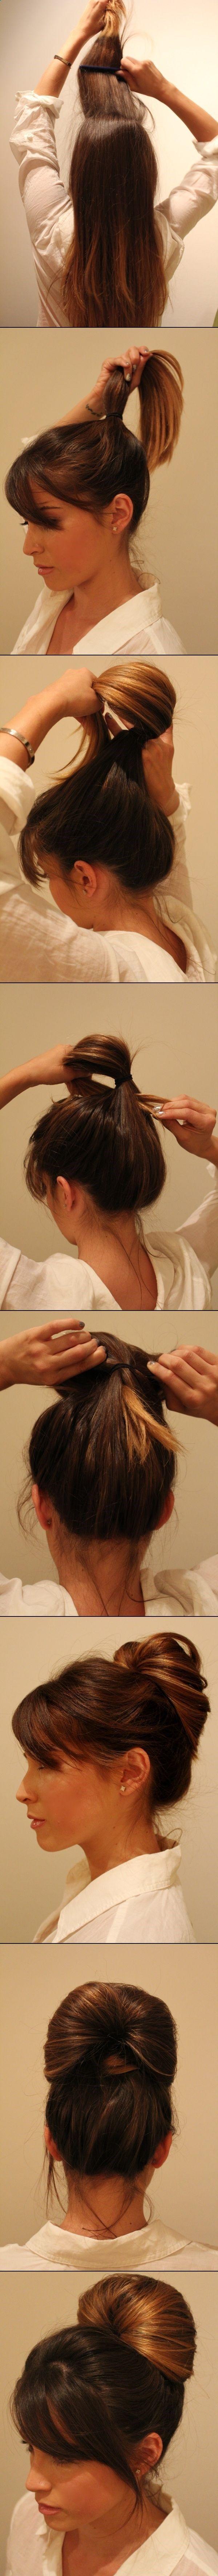 10 penteados rápidos